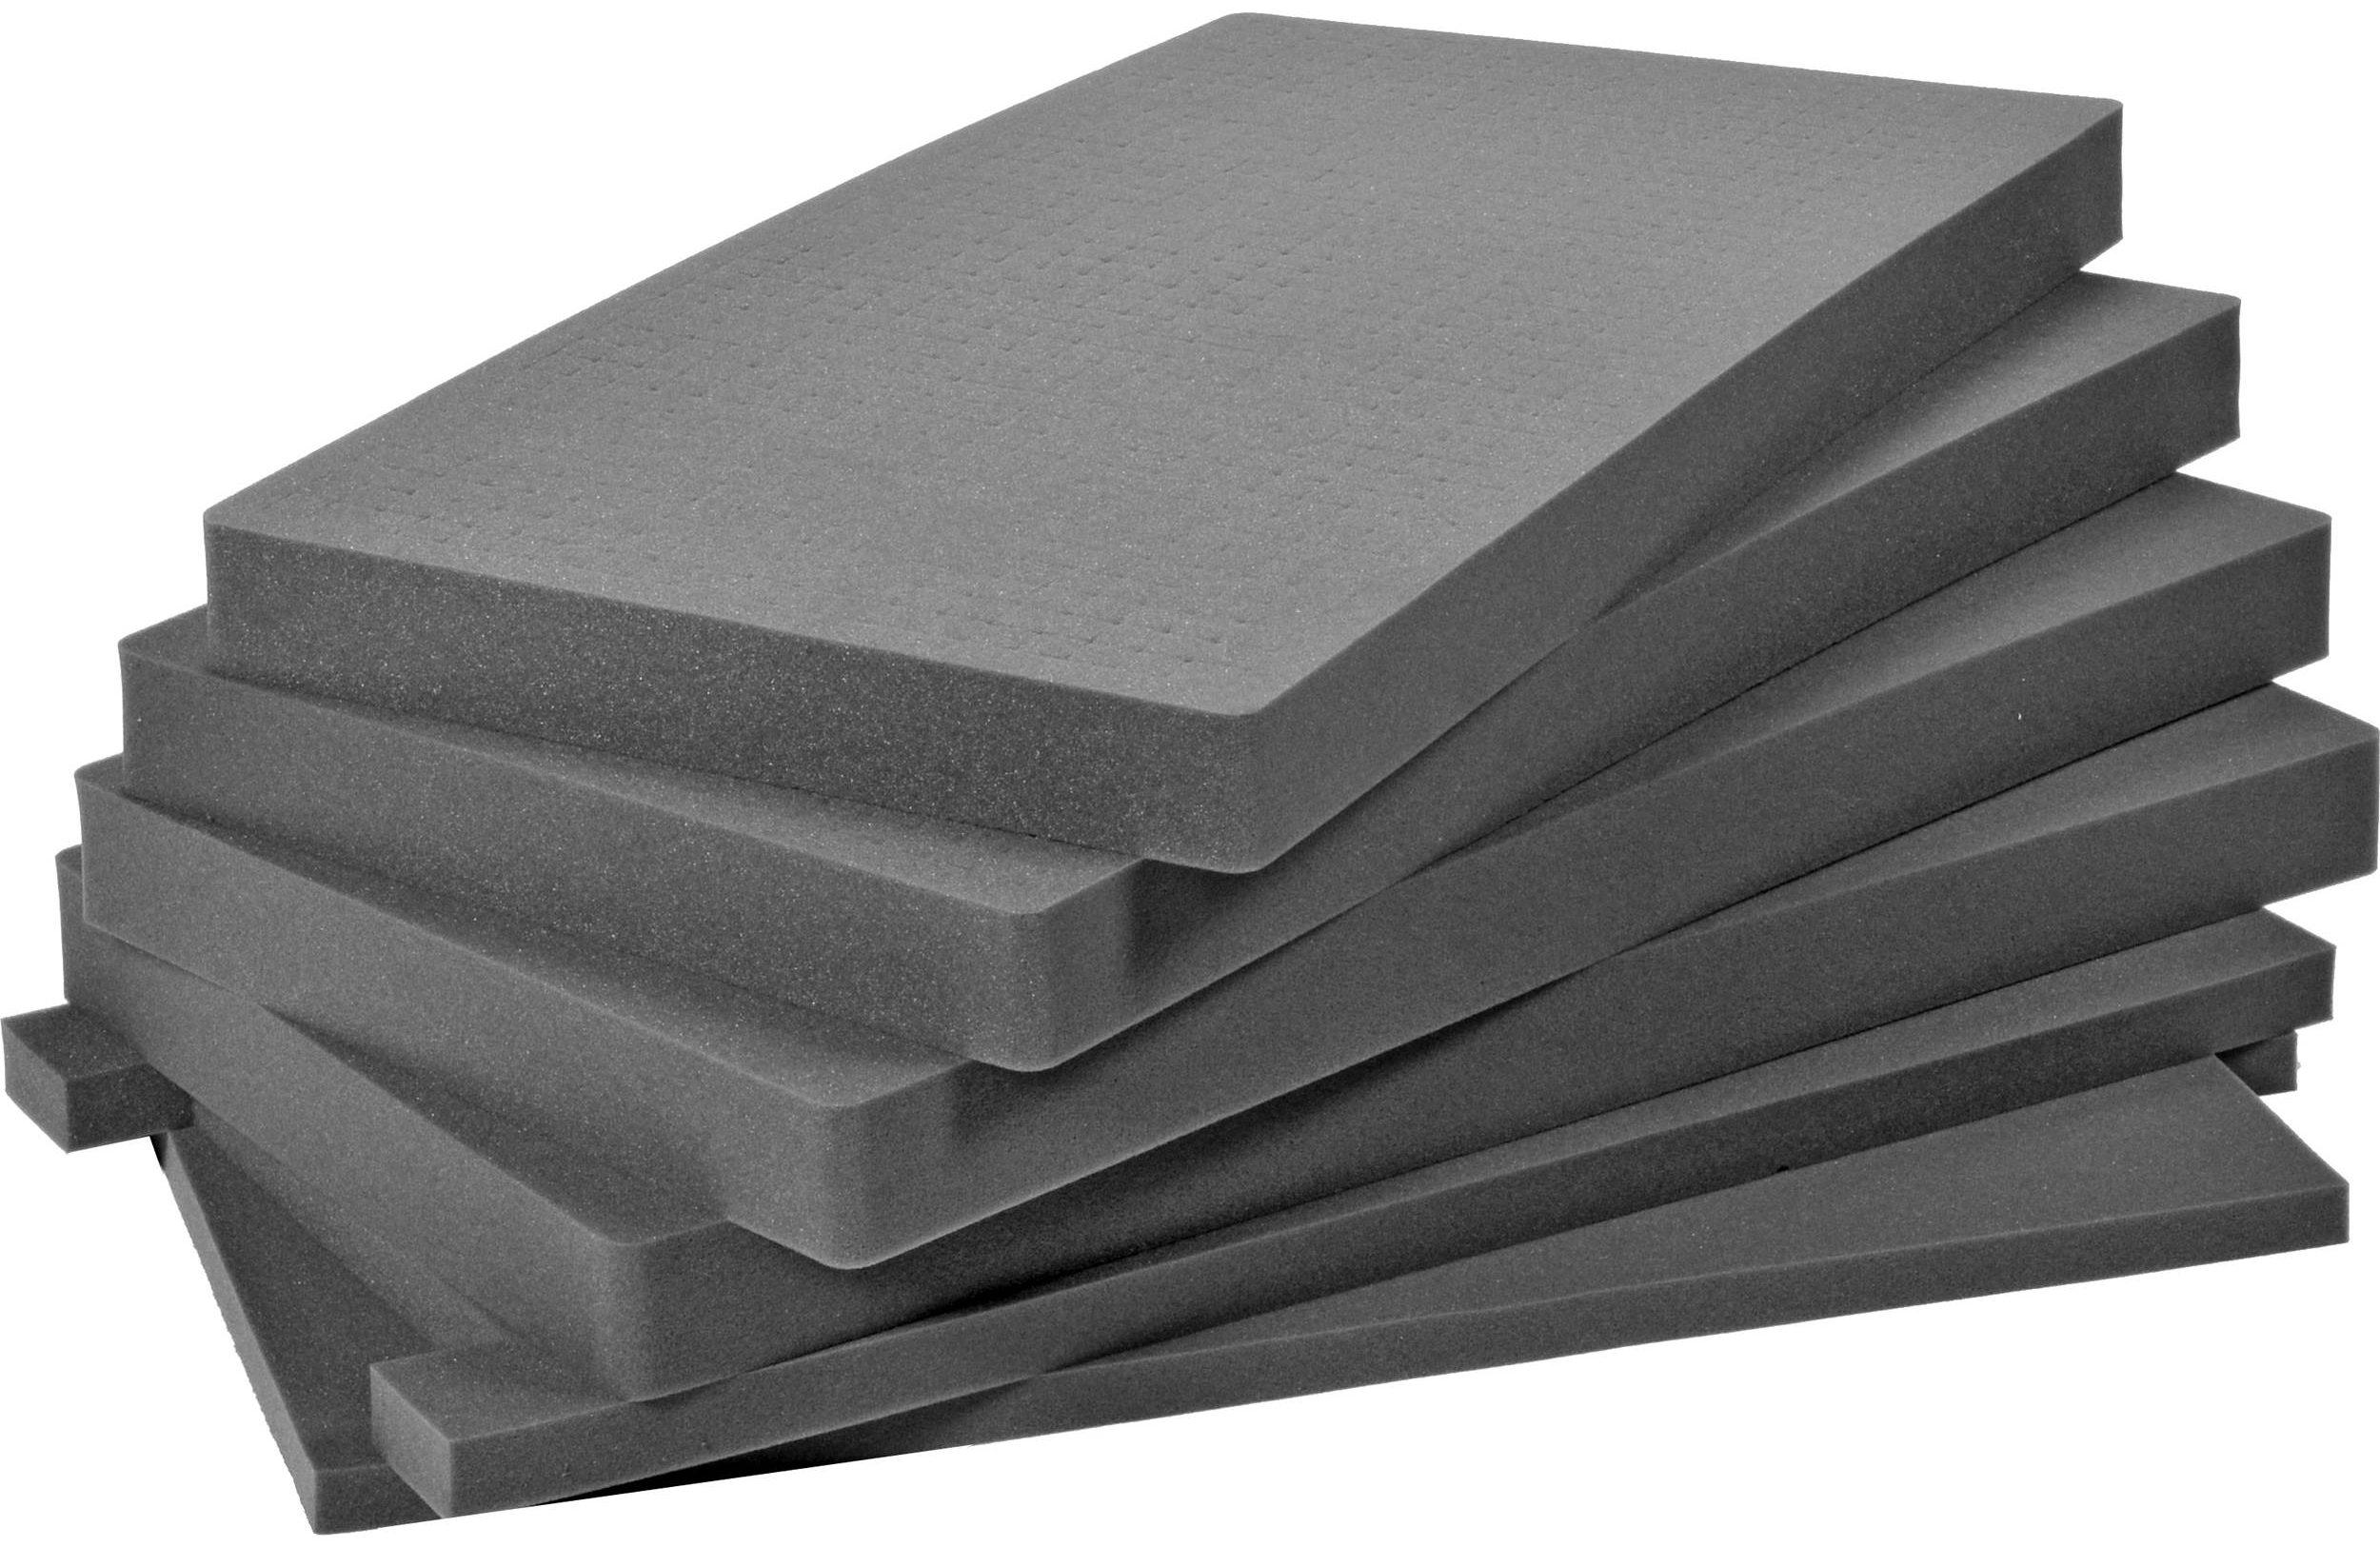 Pelican™ 1781 Foam Set